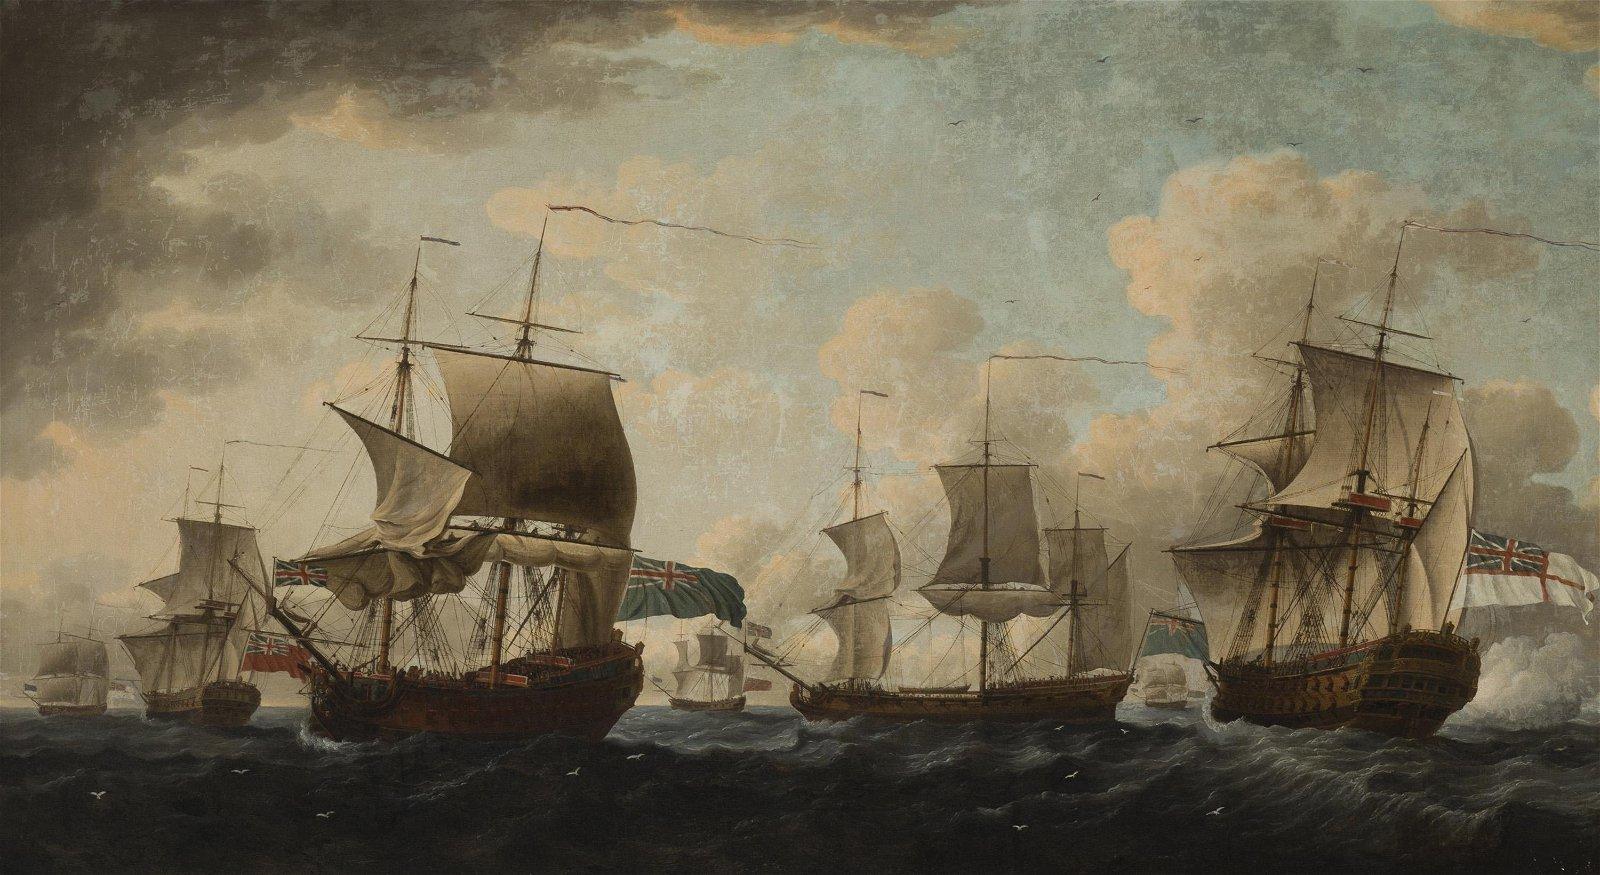 Robert Cleveley (1747-1809 British)